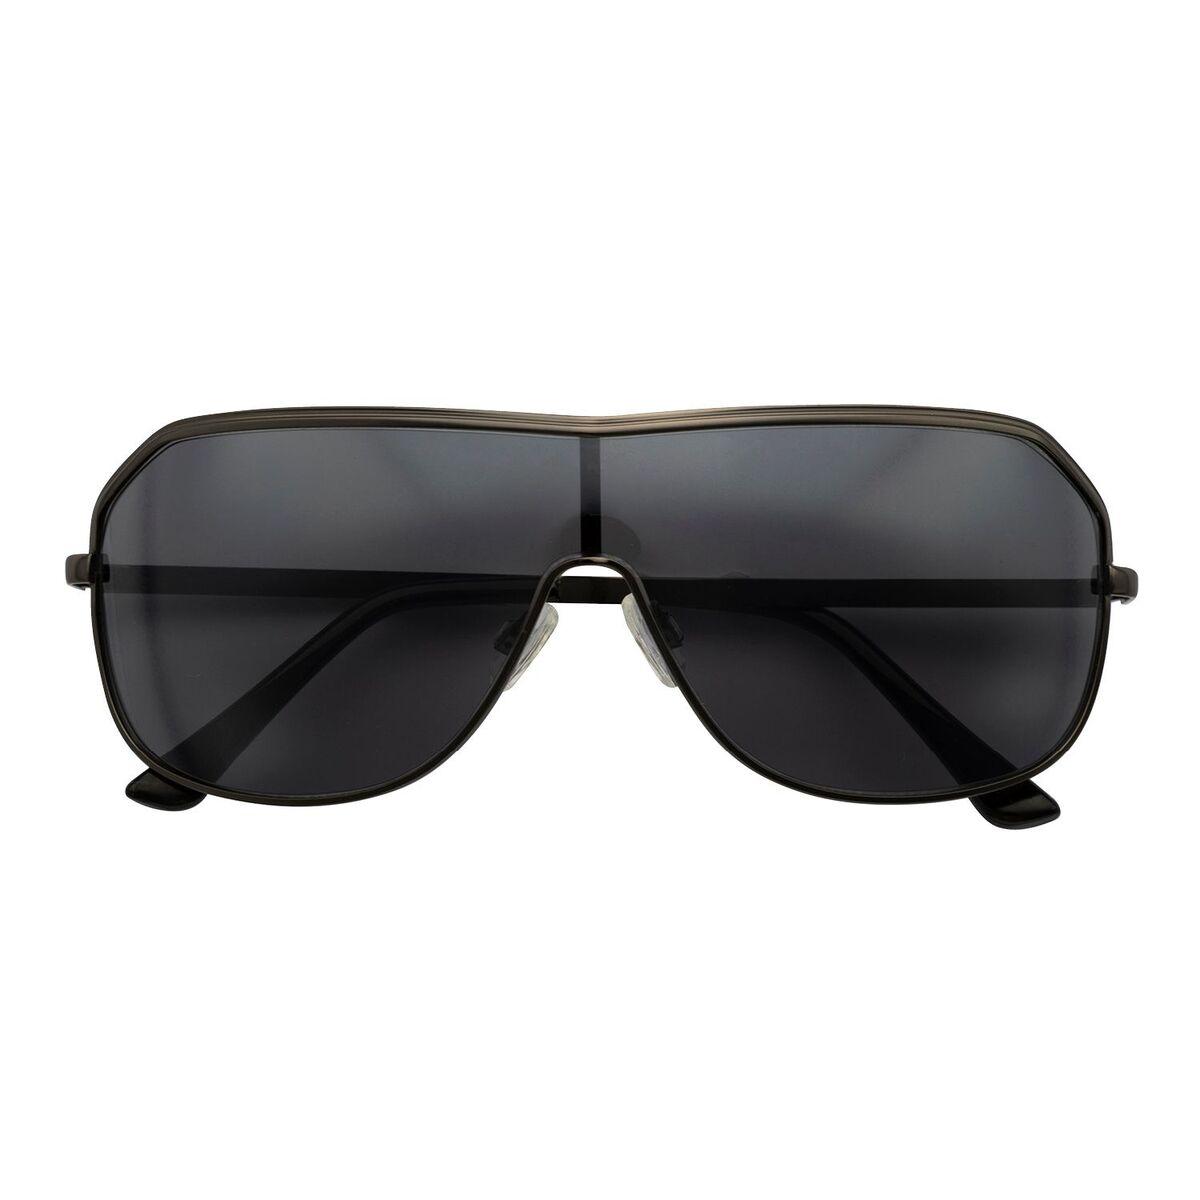 Bild 1 von LOOKS BY WOLFGANG JOOP Sonnenbrille mit Brillenbeutel